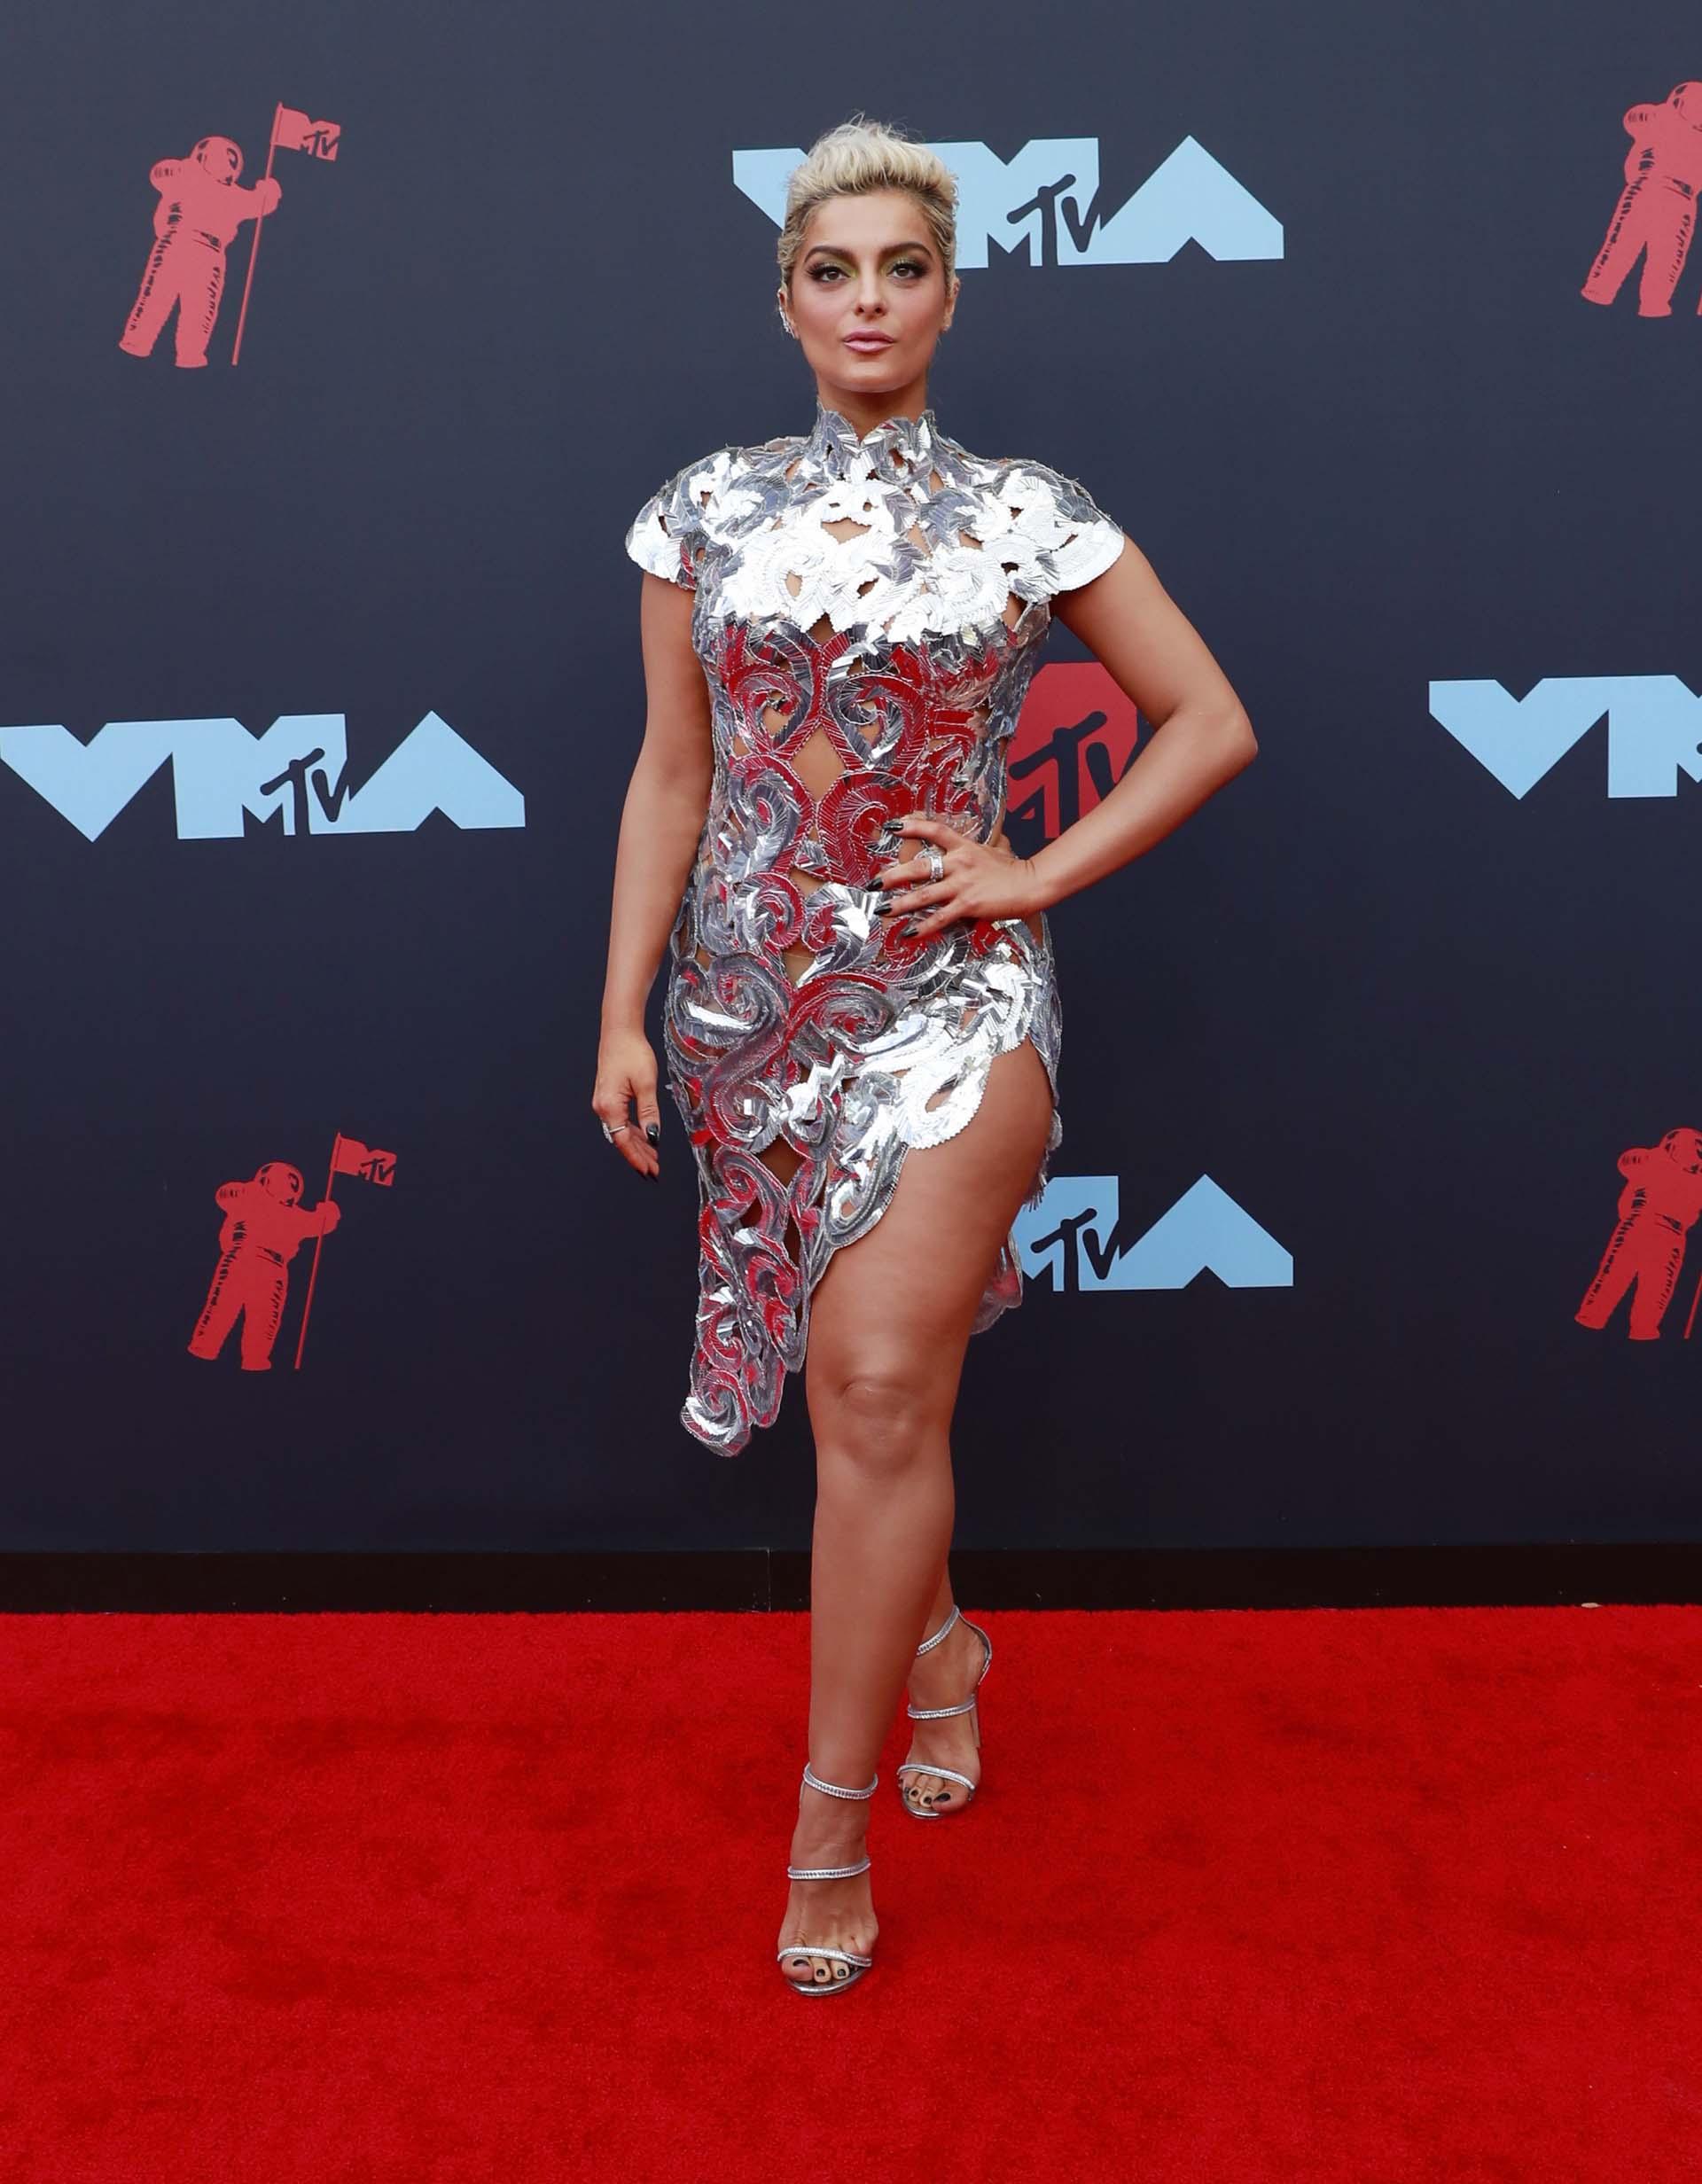 La cantante Bebe Rexha luce un vestido deslumbrante en los #VMAs